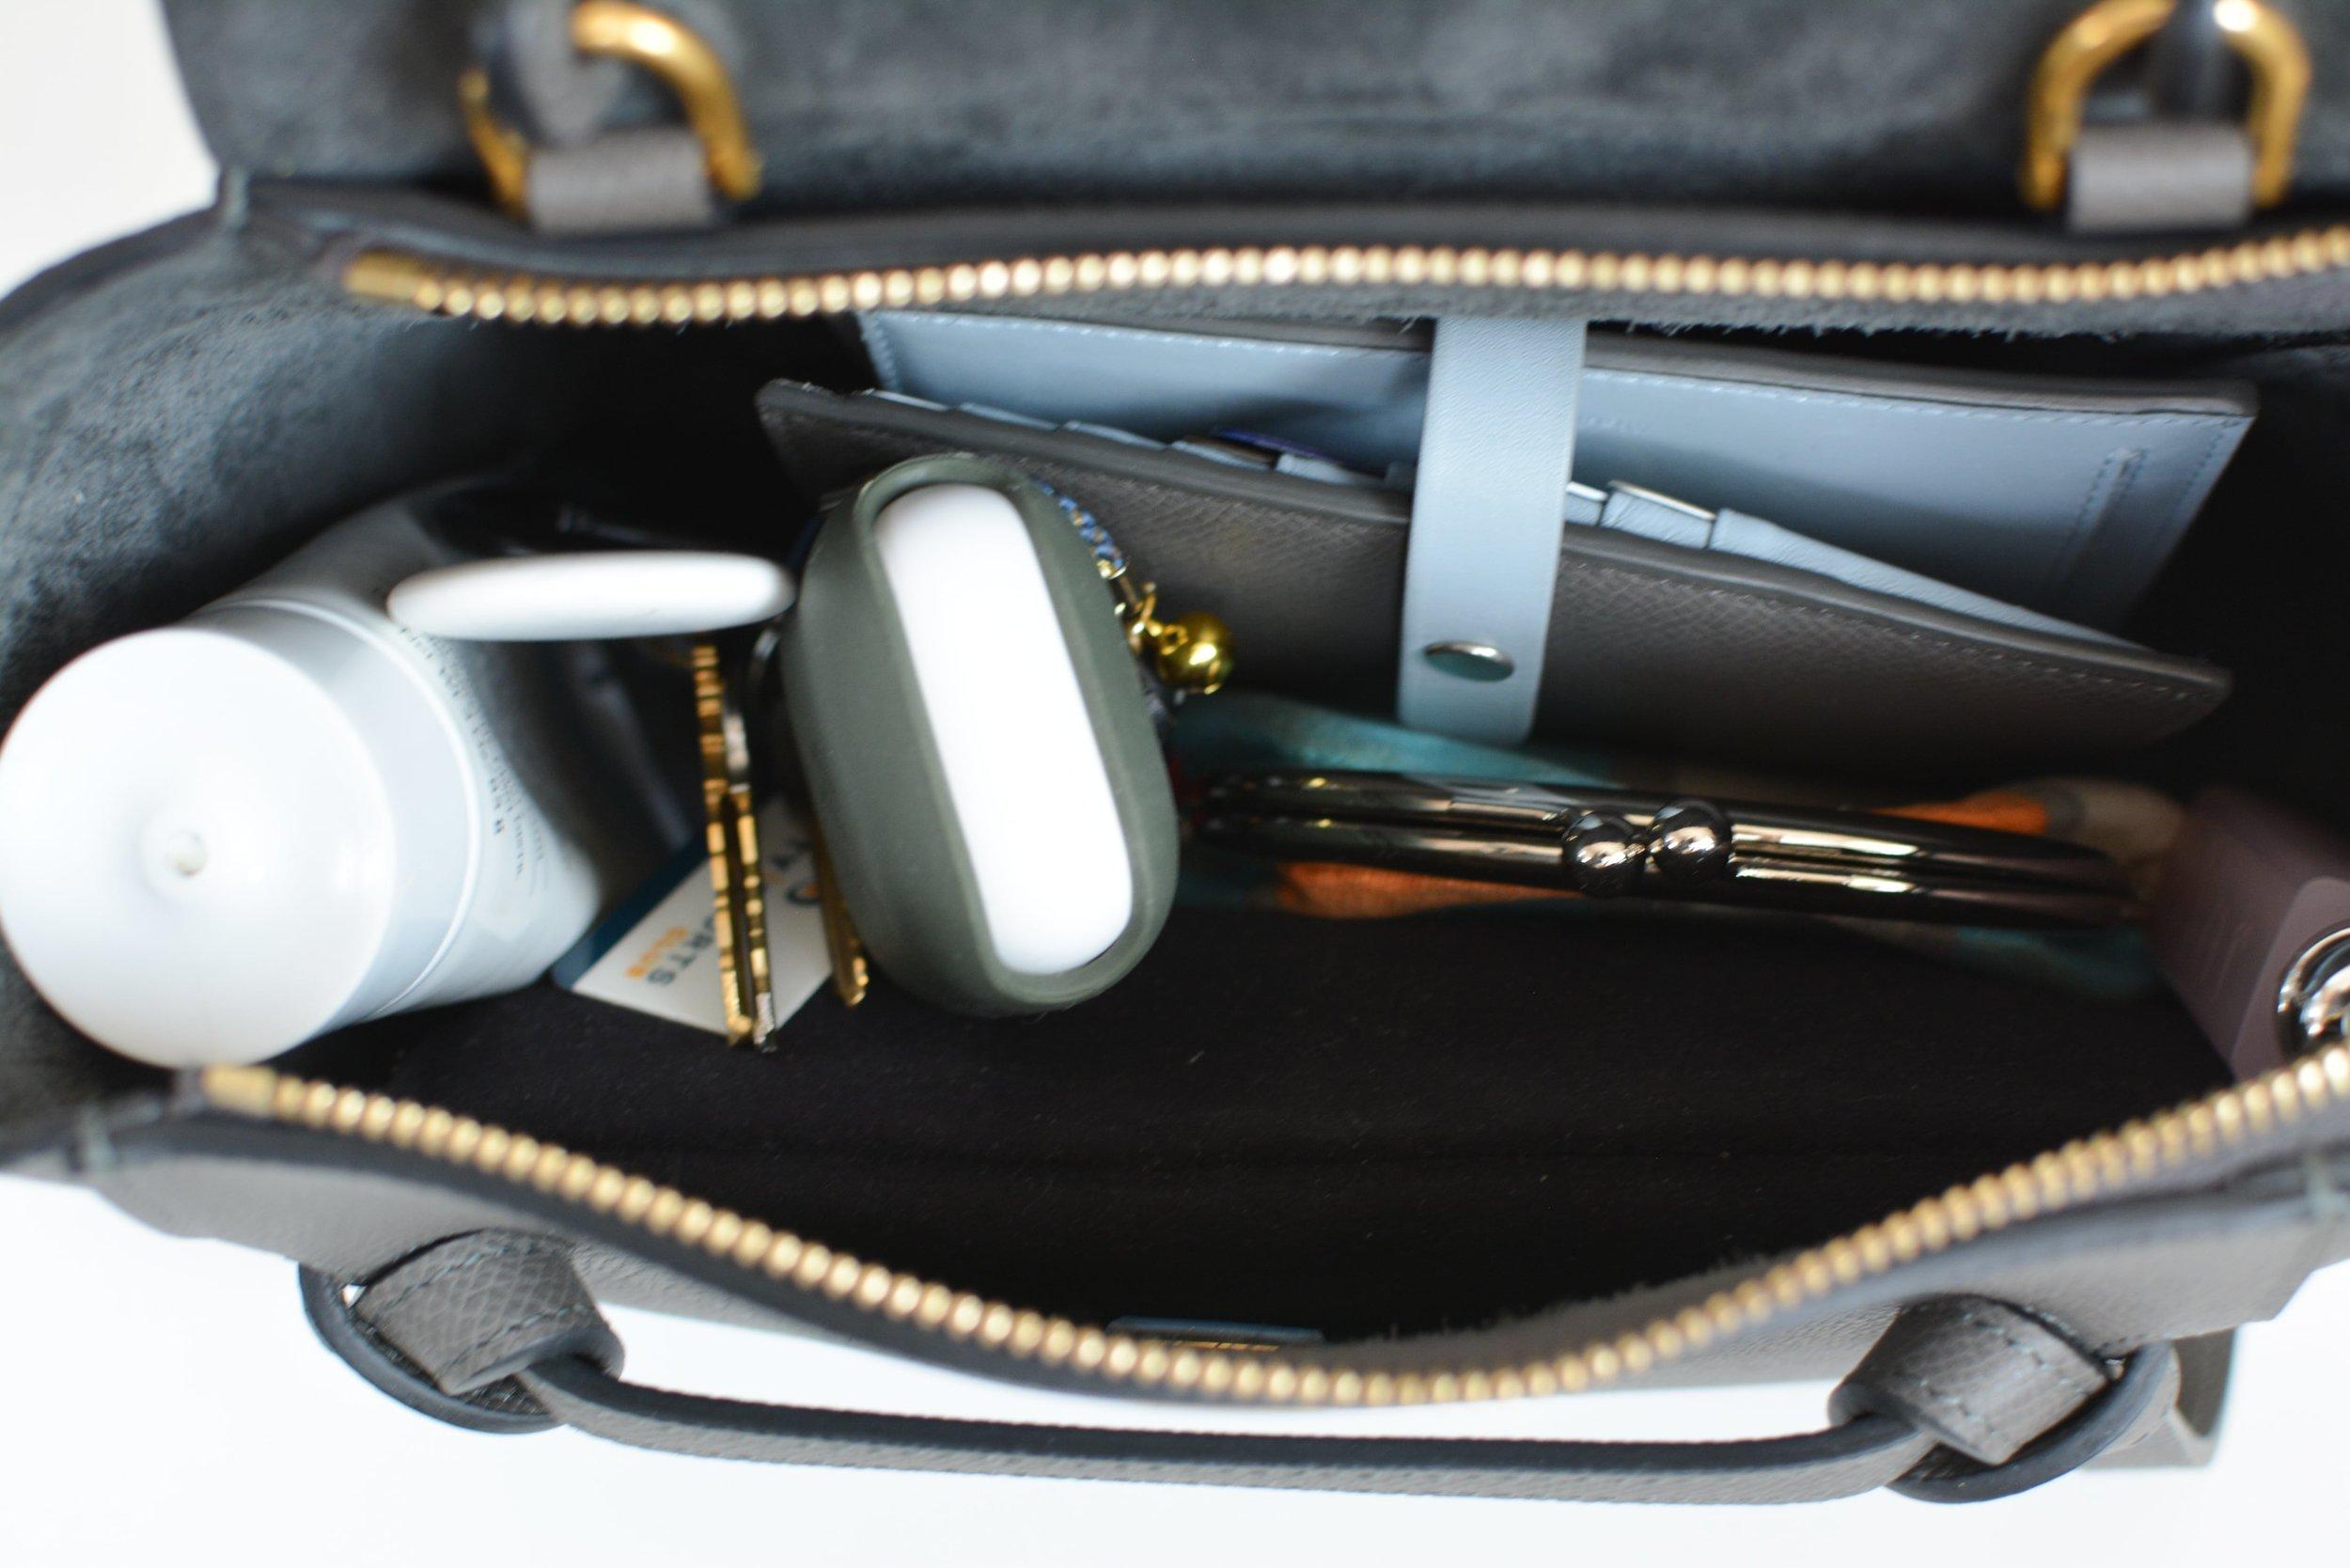 Celine Nano Belt Bag Review (1 of 2)-2-min.jpg